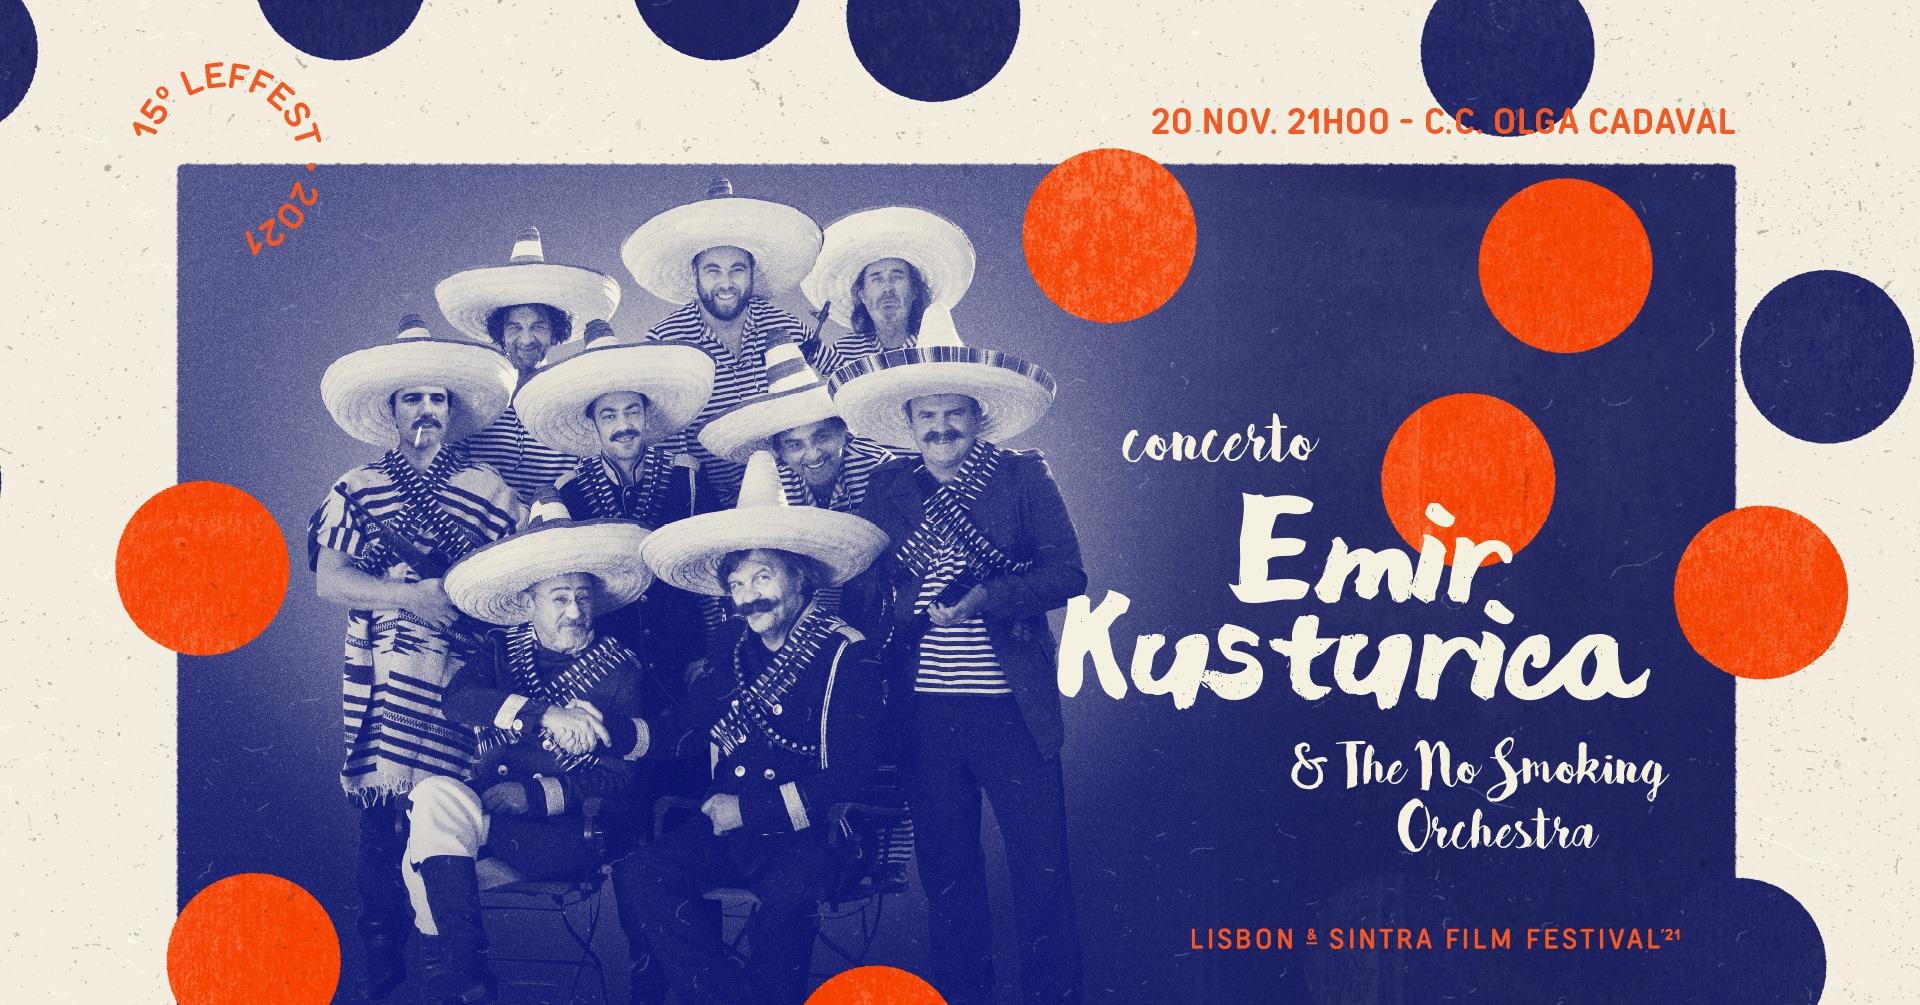 15º LEFFEST -  Cerimónia de Encerramento | Emir Kusturica & The No Smoking Orchestra